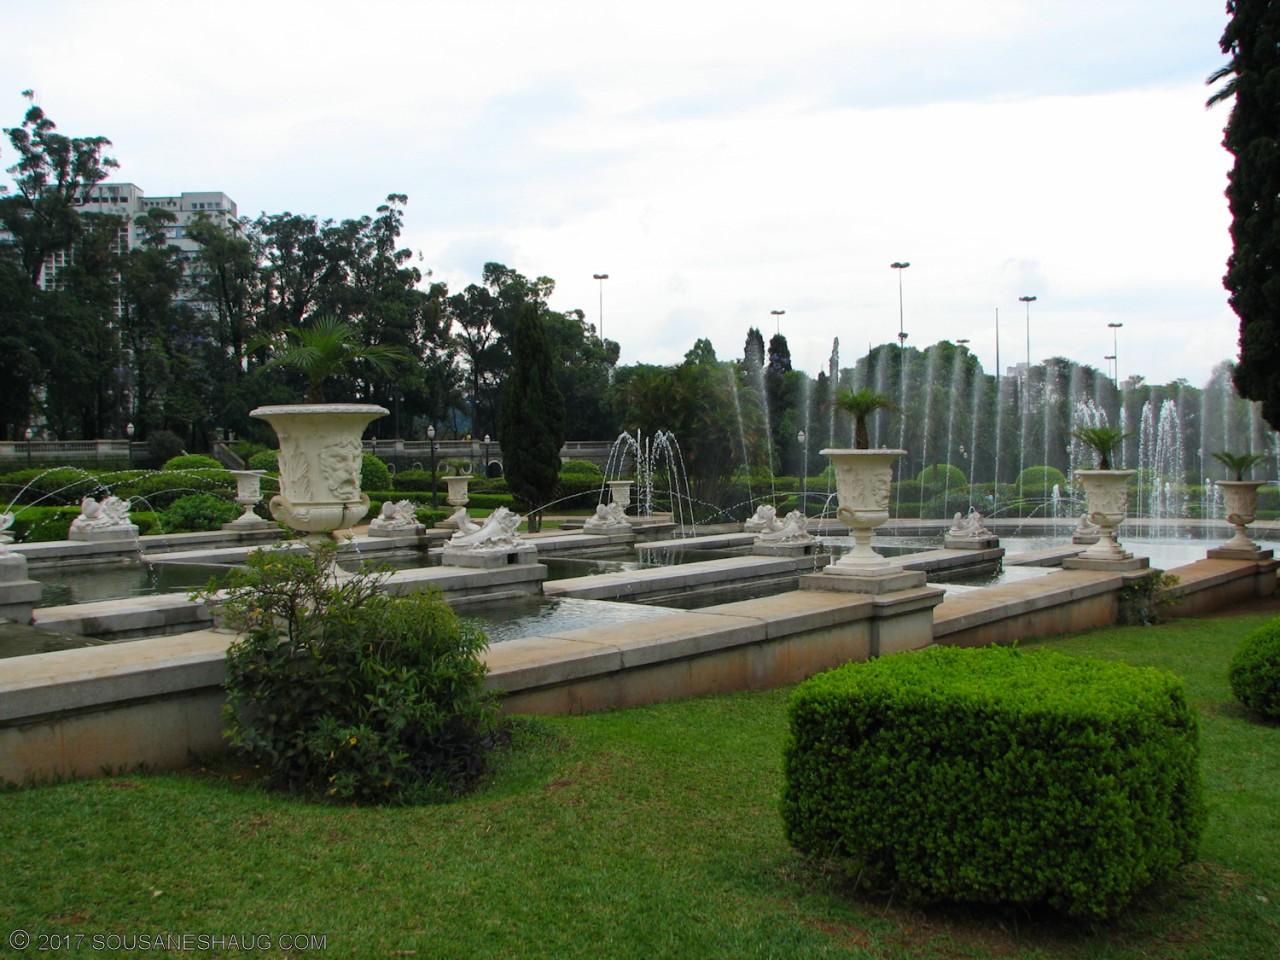 Ipiranga-museu-sao-paulo-brazil-09